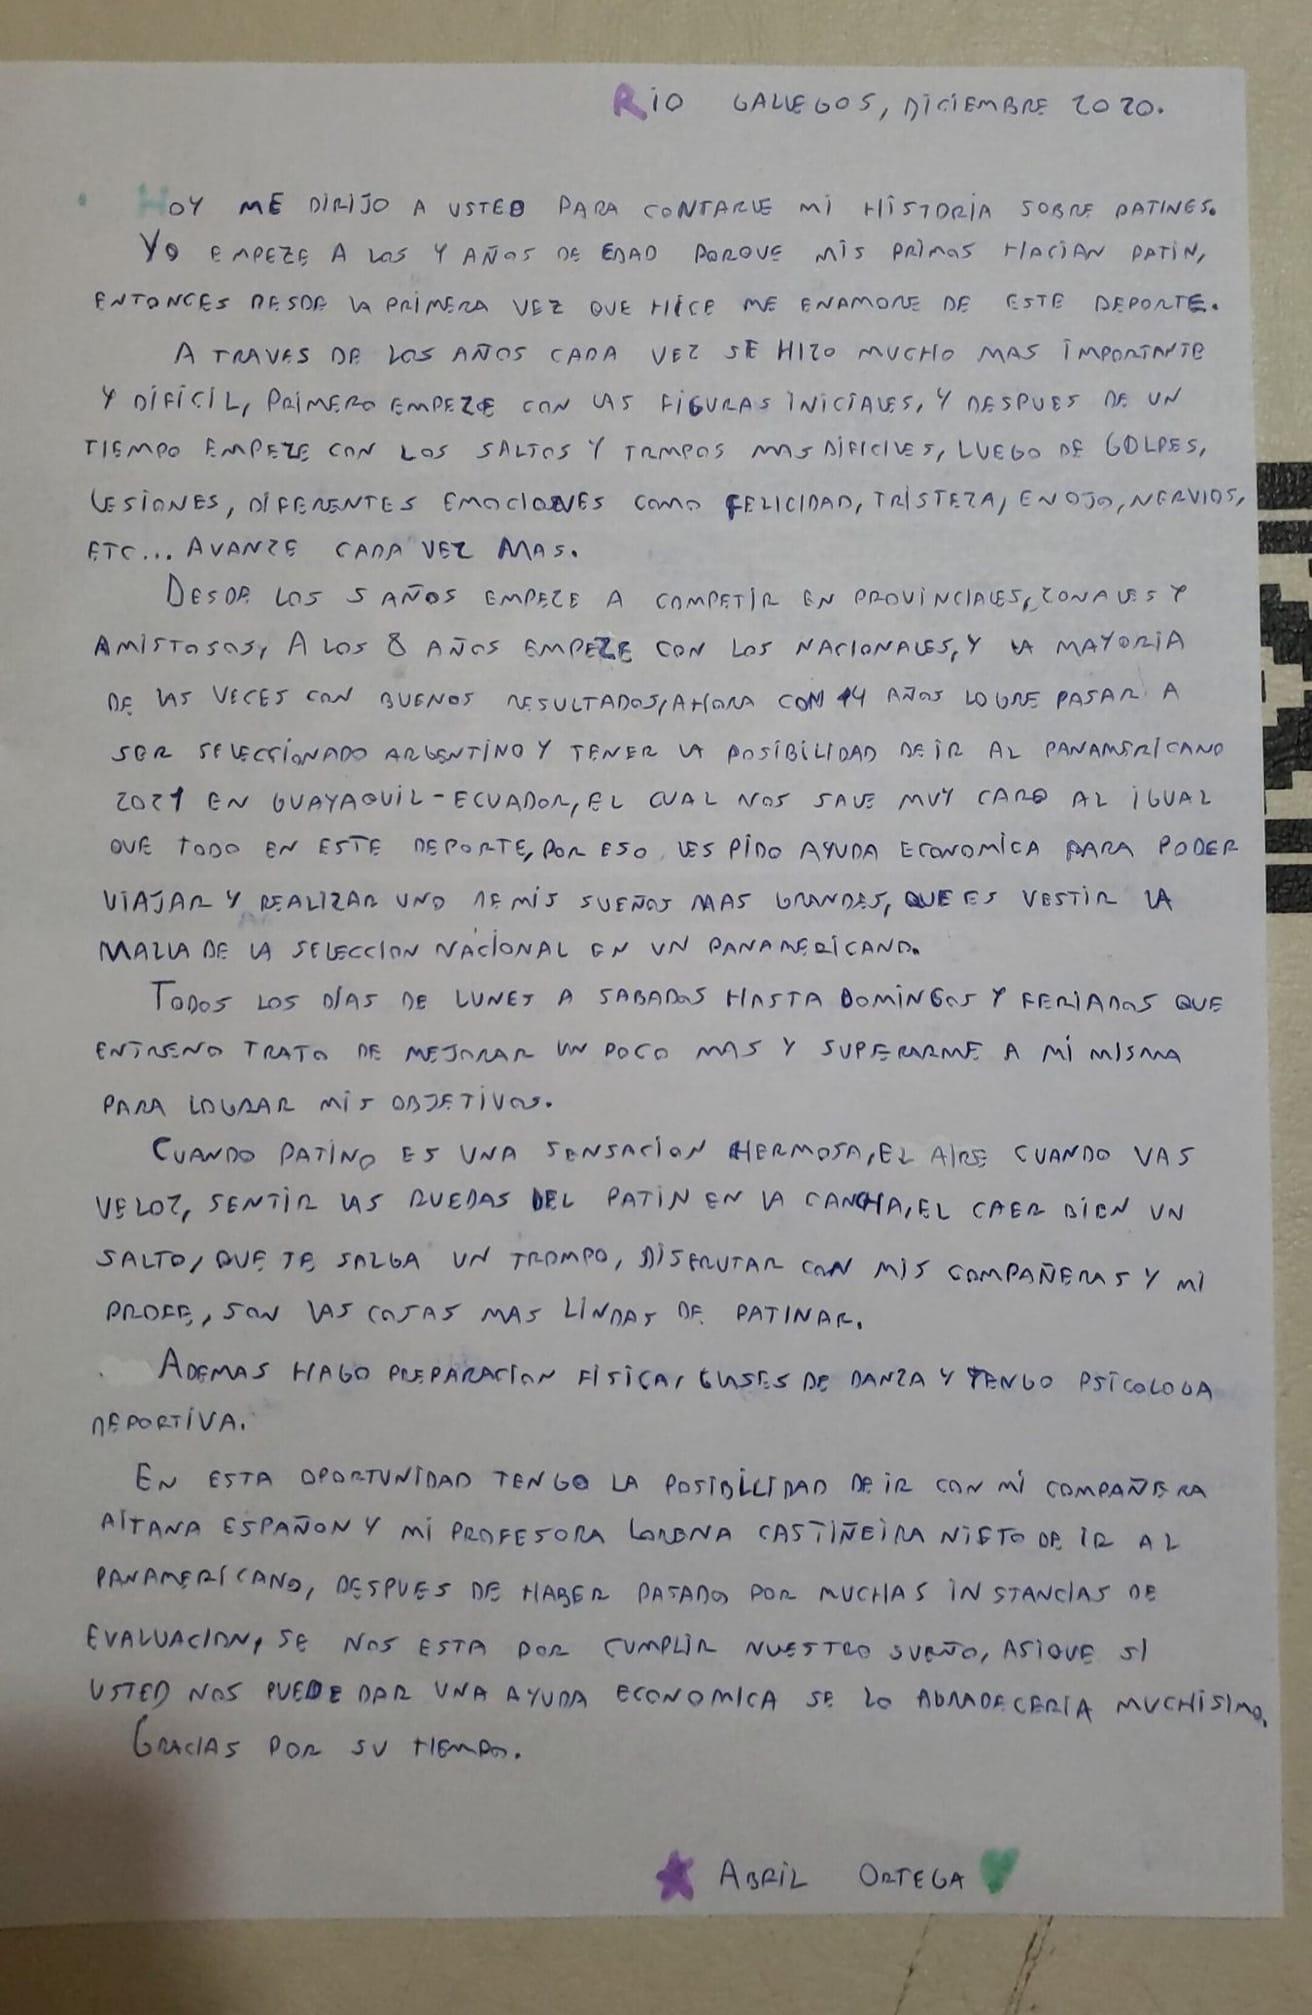 La emotiva carta de Abril Ortega.